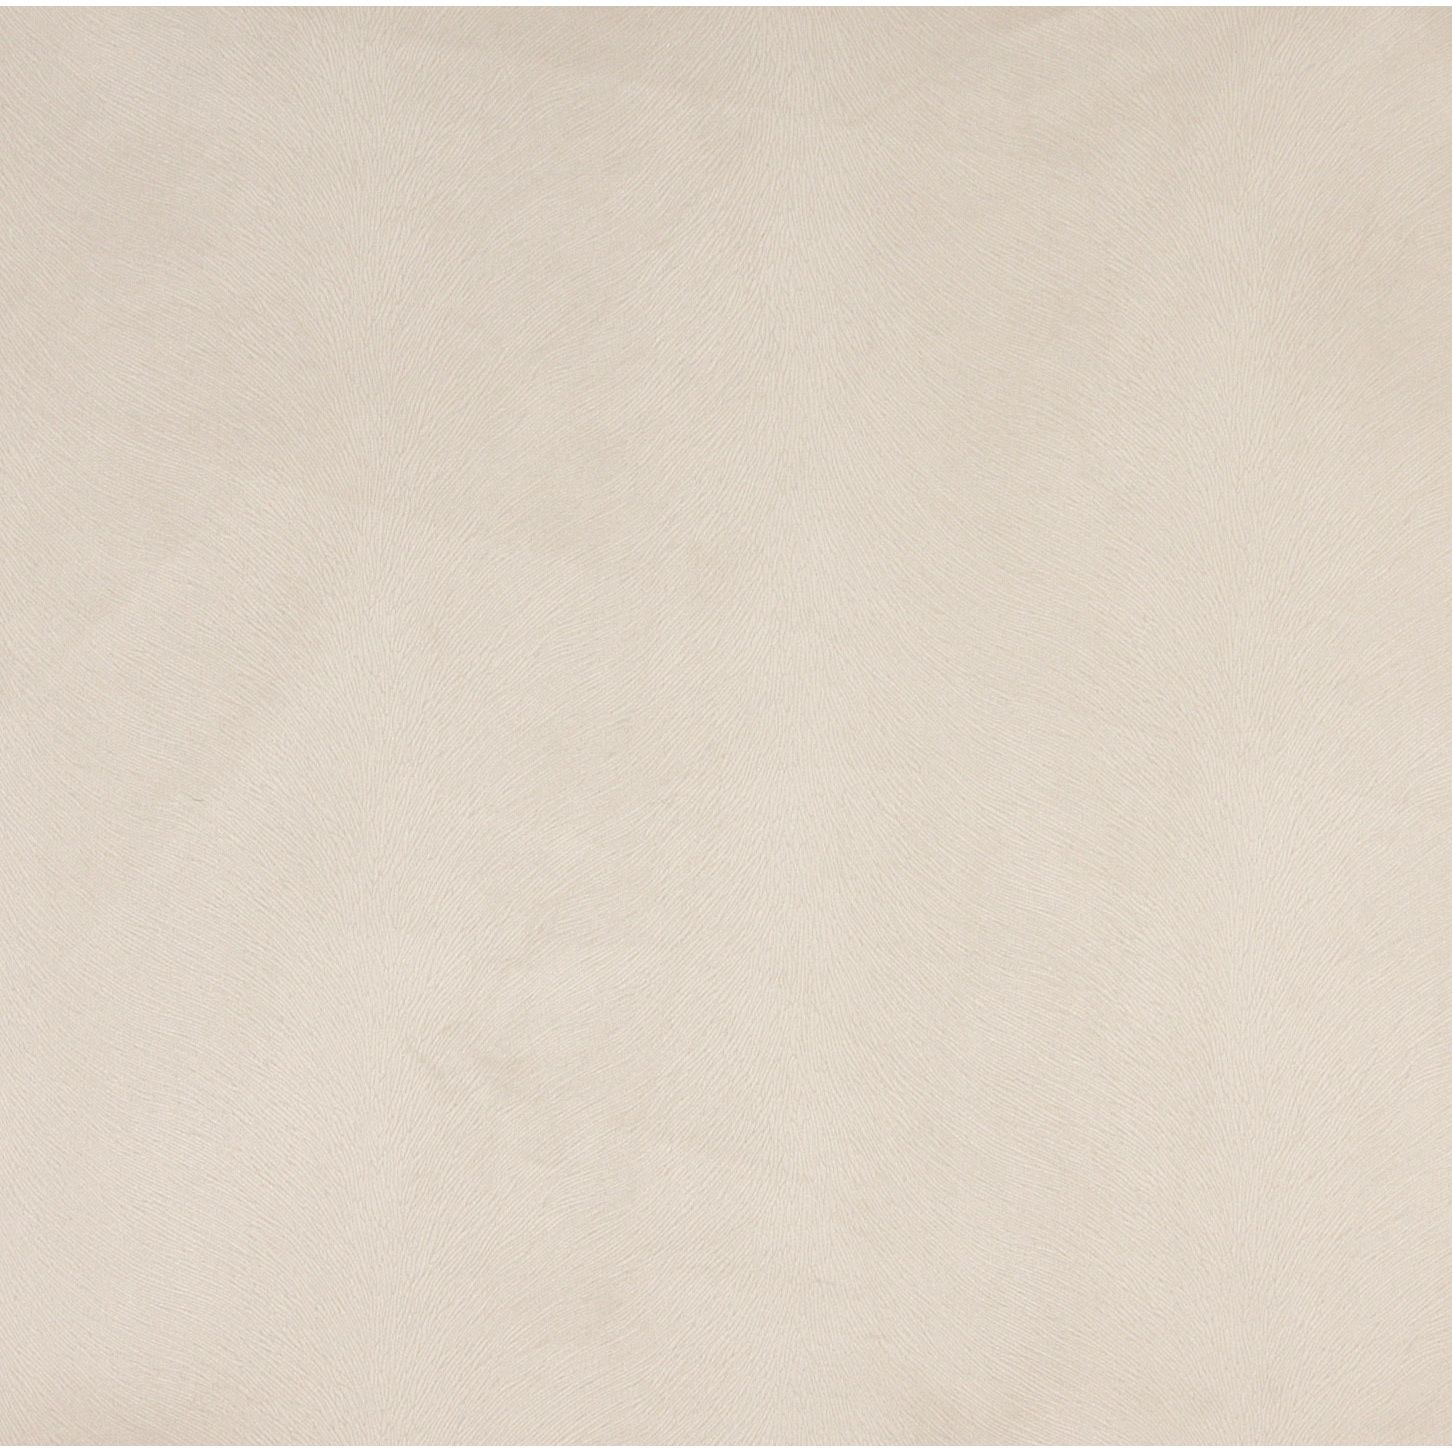 C465 Off White Solid Soft Velvet Upholstery